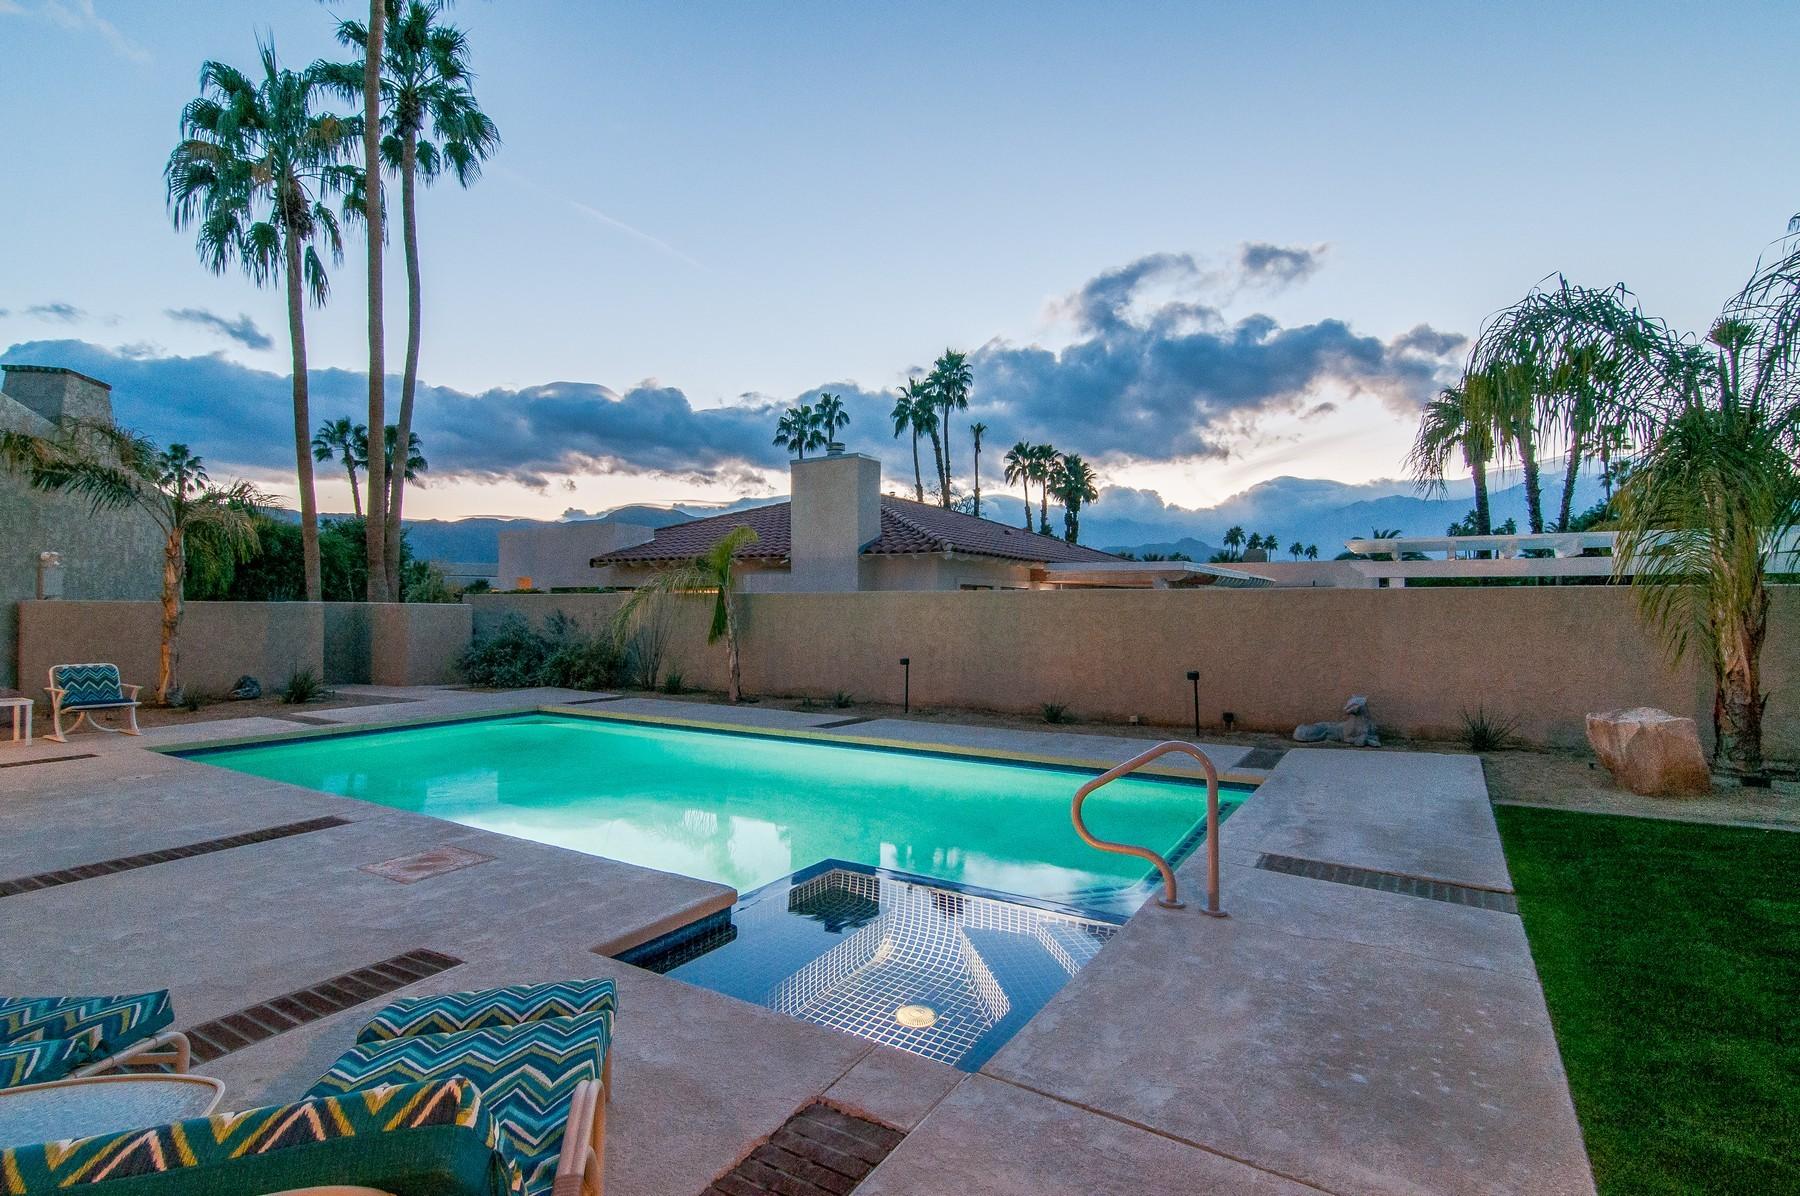 独户住宅 为 销售 在 71170Tamarisk Lane Rancho Mirage, 加利福尼亚州, 92270 美国